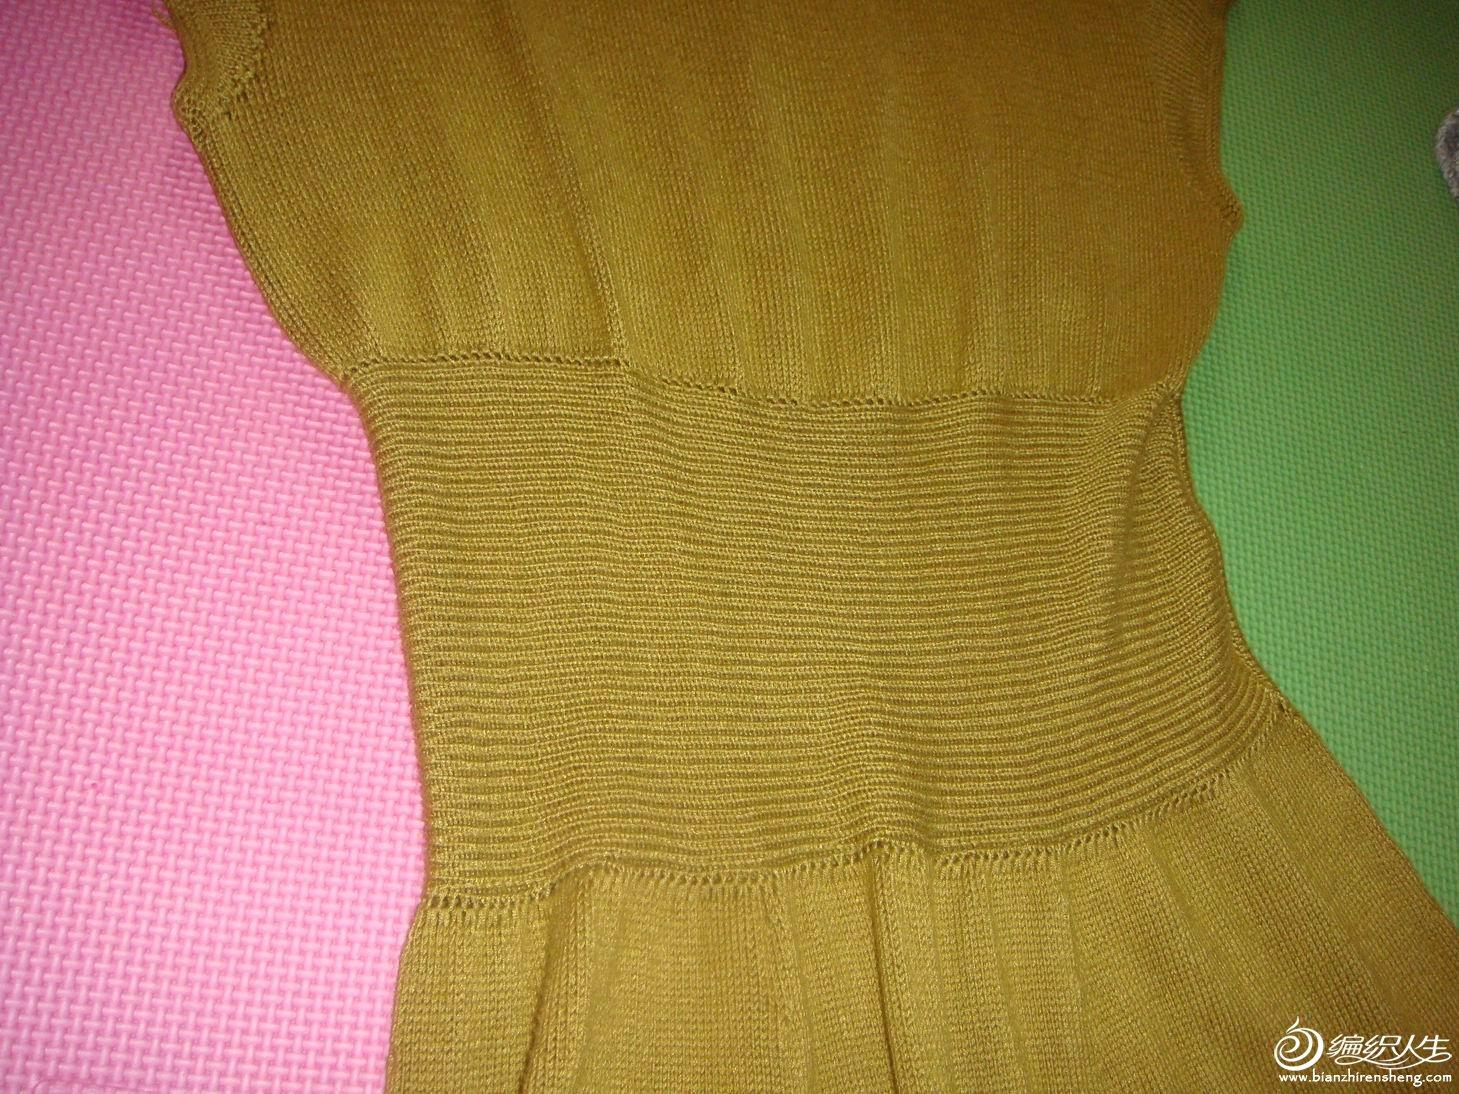 丝光棉短袖衣,成本不到30元,贴身很舒服